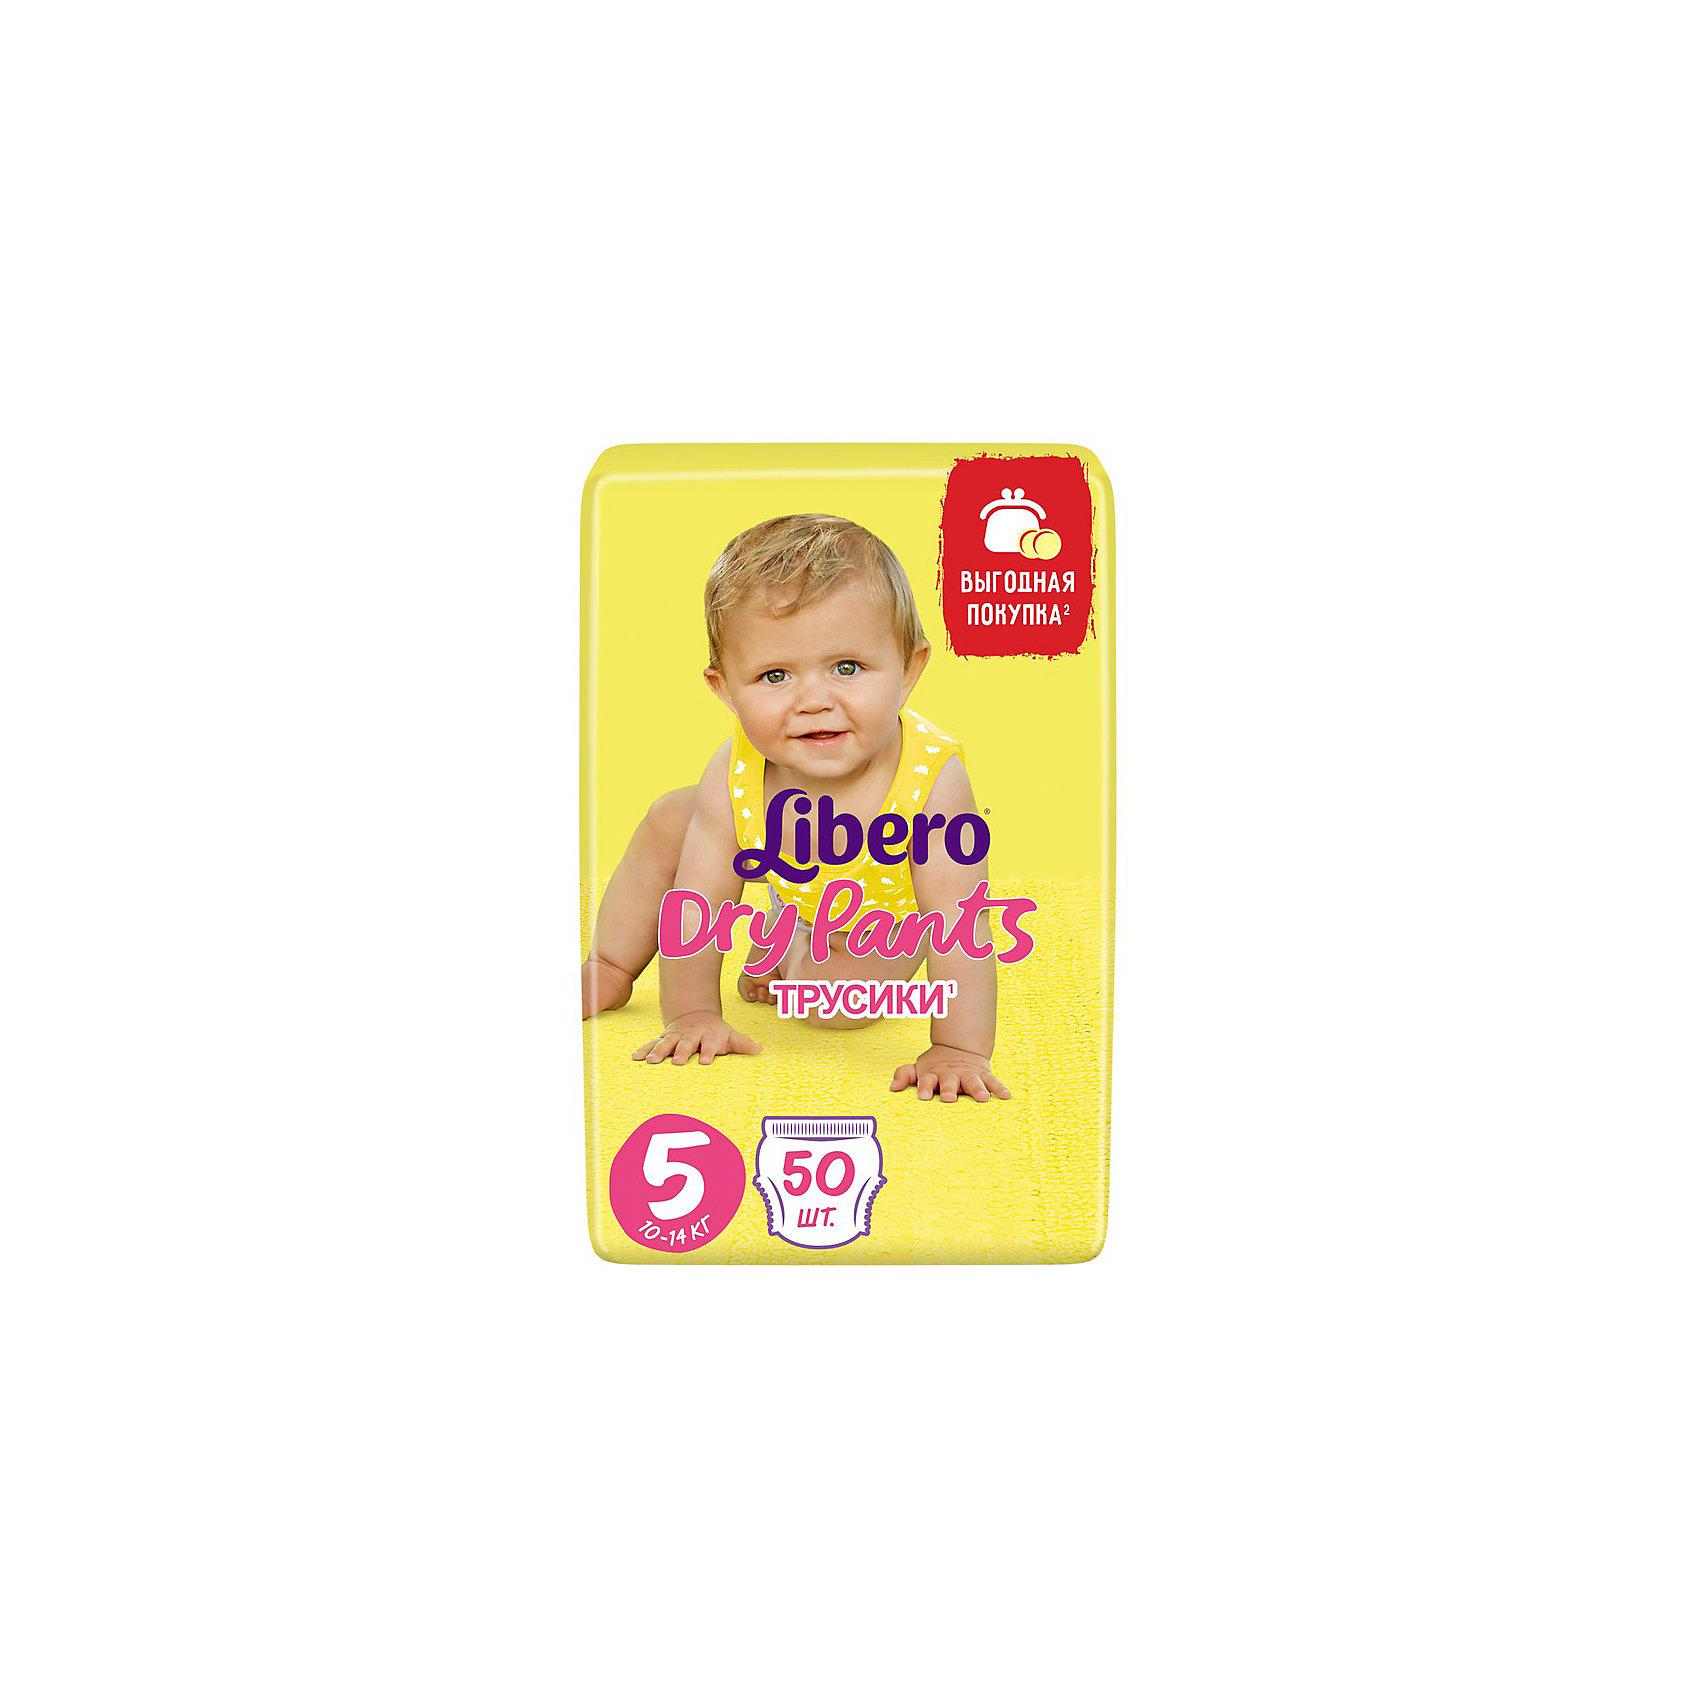 Трусики Libero Dry Pants, Maxi Plus 10-14 кг, 50 шт., MegaТрусики-подгузники<br>Трусики-подгузники Libero Dry Pants (Либеро Драй Пентс) Size 5 (10-14кг), 50 шт.<br><br>Характеристики: <br><br>• легко надевать<br>• мягкие и тонкие трусики<br>• отлично впитывают и удерживают влагу<br>• содержат экстракт ромашки<br>• тянущийся поясок из дышащих материалов<br>• барьеры вокруг ножек защищают от протекания<br>• не сковывают движений<br>• легко снимать и сворачивать<br>• размер: 5 (10-14 кг)<br>• количество в упаковке: 50 шт.<br><br>Если ваш малыш не любит спокойно ждать пока вы его переоденете, то трусики-подгузники Libero Dry Pants станут для вас прекрасным решением. Они легко надеваются, как обычное белье и также легко снимаются при разрывании боковых швов. Трусики очень мягкие и тонкие, при этом они отлично впитывают и удерживают влагу, не стесняя движений крохи. Экстракт ромашки и алоэ успокоит нежную кожу малыша. Высокие барьеры и эластичный поясок препятствуют протеканию.  После использования вы легко сможете свернуть трусики и заклеить из специальной клейкой лентой. Яркая упаковка и привлекательный дизайн превратят процесс переодевания в веселую игру!<br><br>Трусики-подгузники Libero Dry Pants Size 5 (10-14кг), 50 шт. вы можете купить в нашем интернет-магазине.<br><br>Ширина мм: 147<br>Глубина мм: 240<br>Высота мм: 370<br>Вес г: 1835<br>Возраст от месяцев: 6<br>Возраст до месяцев: 36<br>Пол: Унисекс<br>Возраст: Детский<br>SKU: 3517637